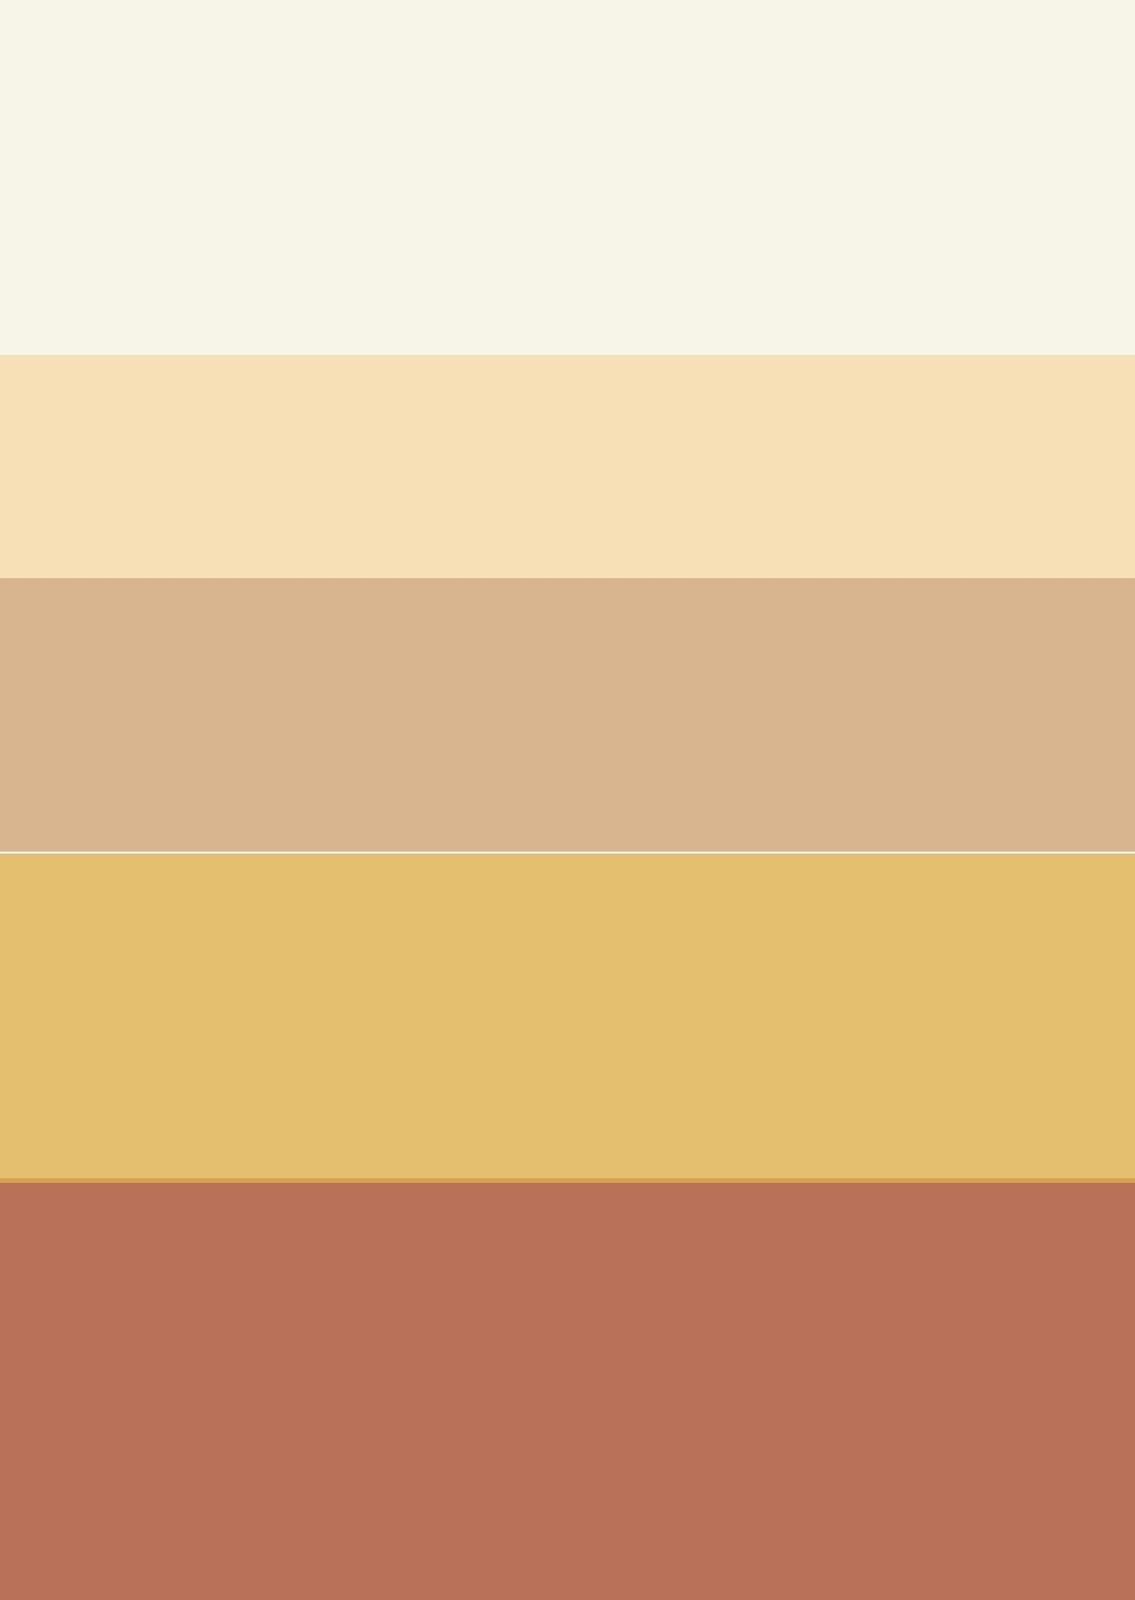 Escuela de interiorismo estilo toscano - Paleta de colores para paredes ...